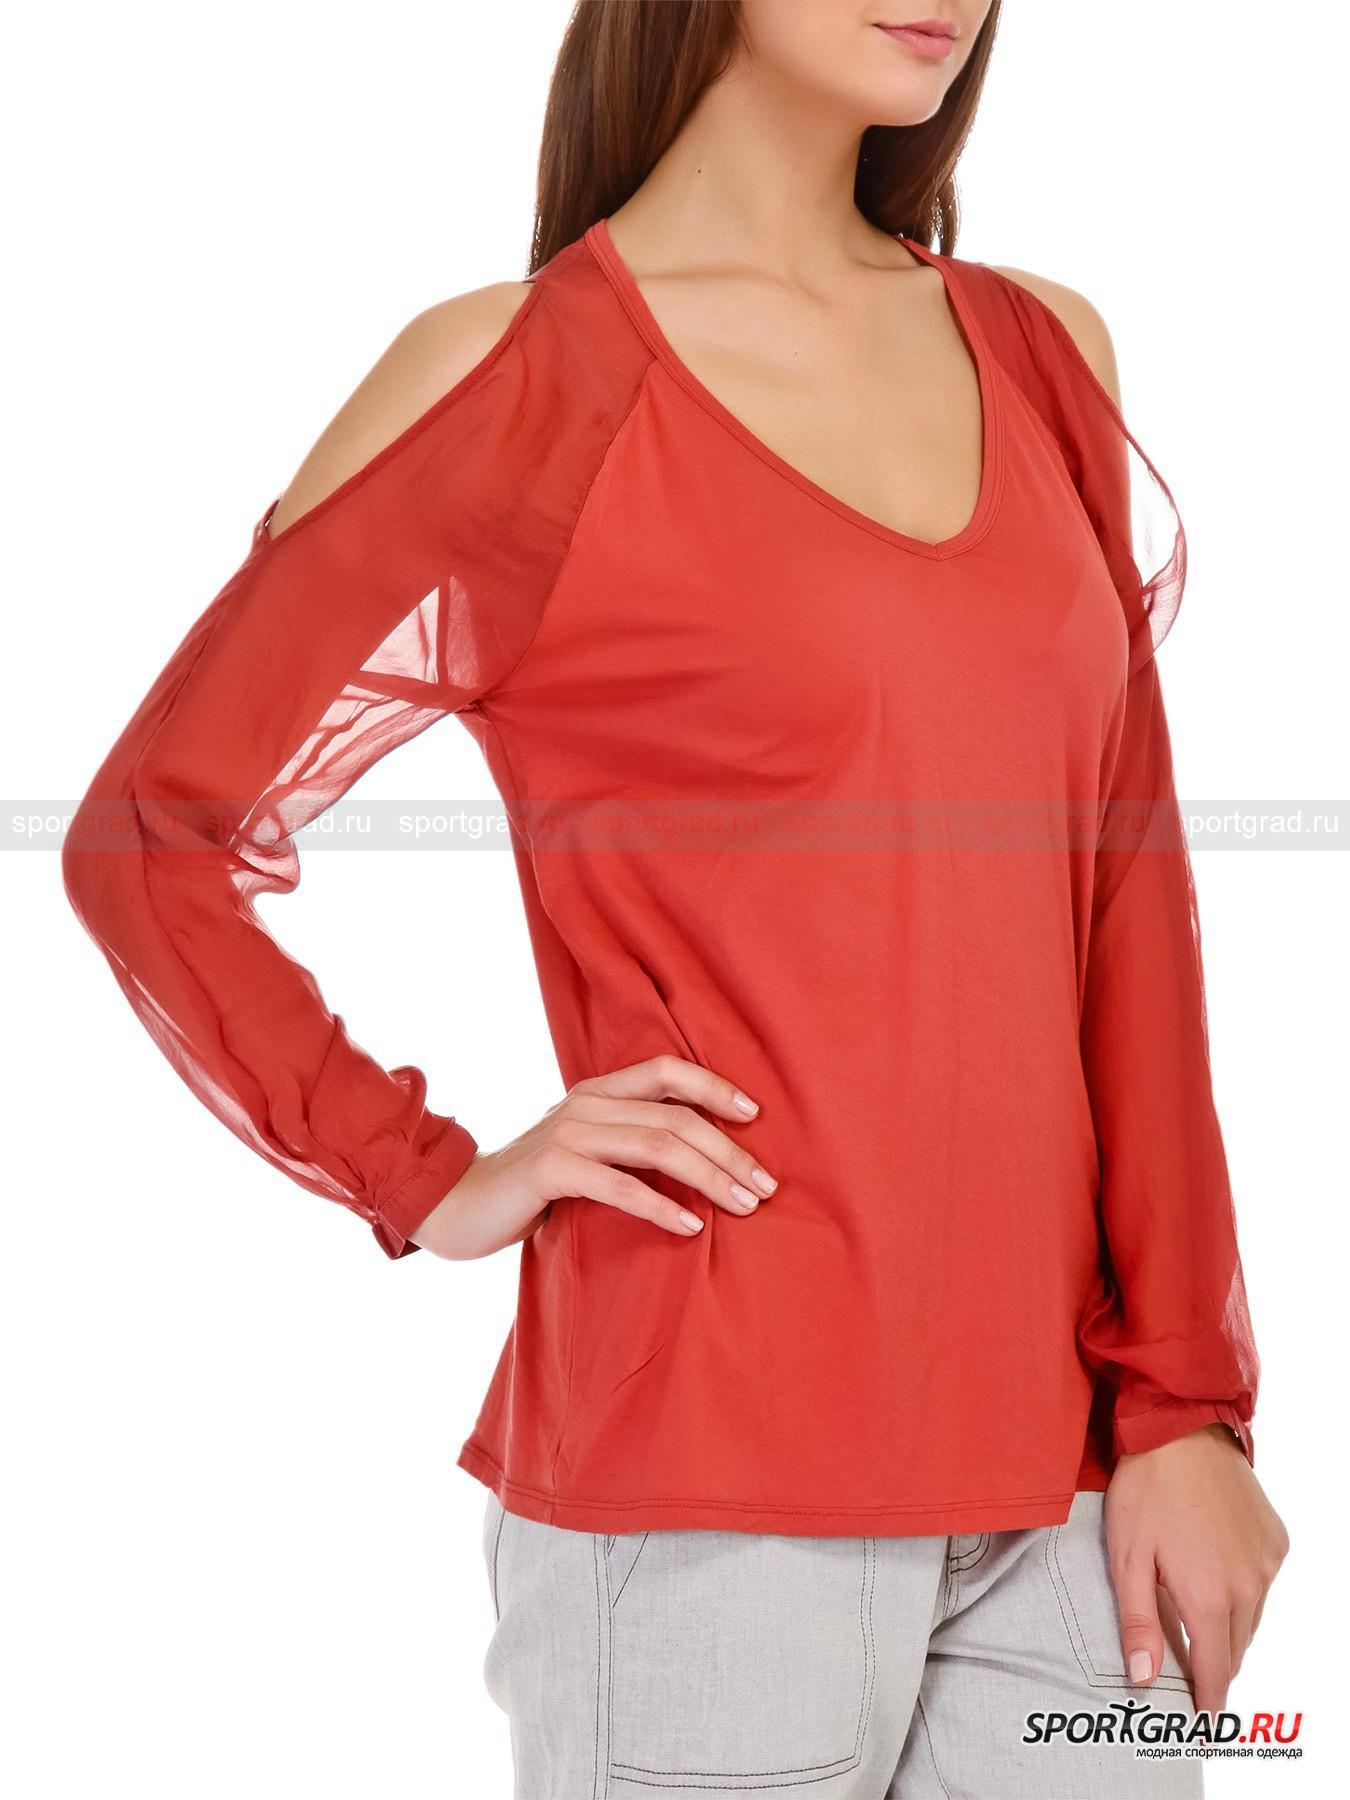 Блузка-лонгслив женская Swetshirt DEHAДжемперы, Свитеры, Пуловеры<br>Хлопковая блузка-лонгслив Swetshirt DEHA приглушенно кирпичного цвета с прозрачными шелковыми рукавами фасона реглан имеет  очень женственный крой, обнажающий хрупкие плечи, и фигурный вырез горловины, делающий акцент на длине шеи и нежных изгибах ключиц. Легкое эластичное полотно спинки и полочек, мягкое и гипоаллергенное, заботится о раскованности движений и комфортном самочувствии кожи. Сзади вверху модель украшена фирменной шлевкой с названием торговой марки.<br><br>Пол: Женский<br>Возраст: Взрослый<br>Тип: Джемперы, Свитеры, Пуловеры<br>Рекомендации по уходу: Изделию показана стирка при температуре 30°, глажка при температуре, не превышающей 110°, и химчистка. Запрещено отбеливание и сушка в стиральной машине или электросушилке для белья.<br>Состав: Спинка и полочки: 100% хлопок. Рукава: 100% шелк.